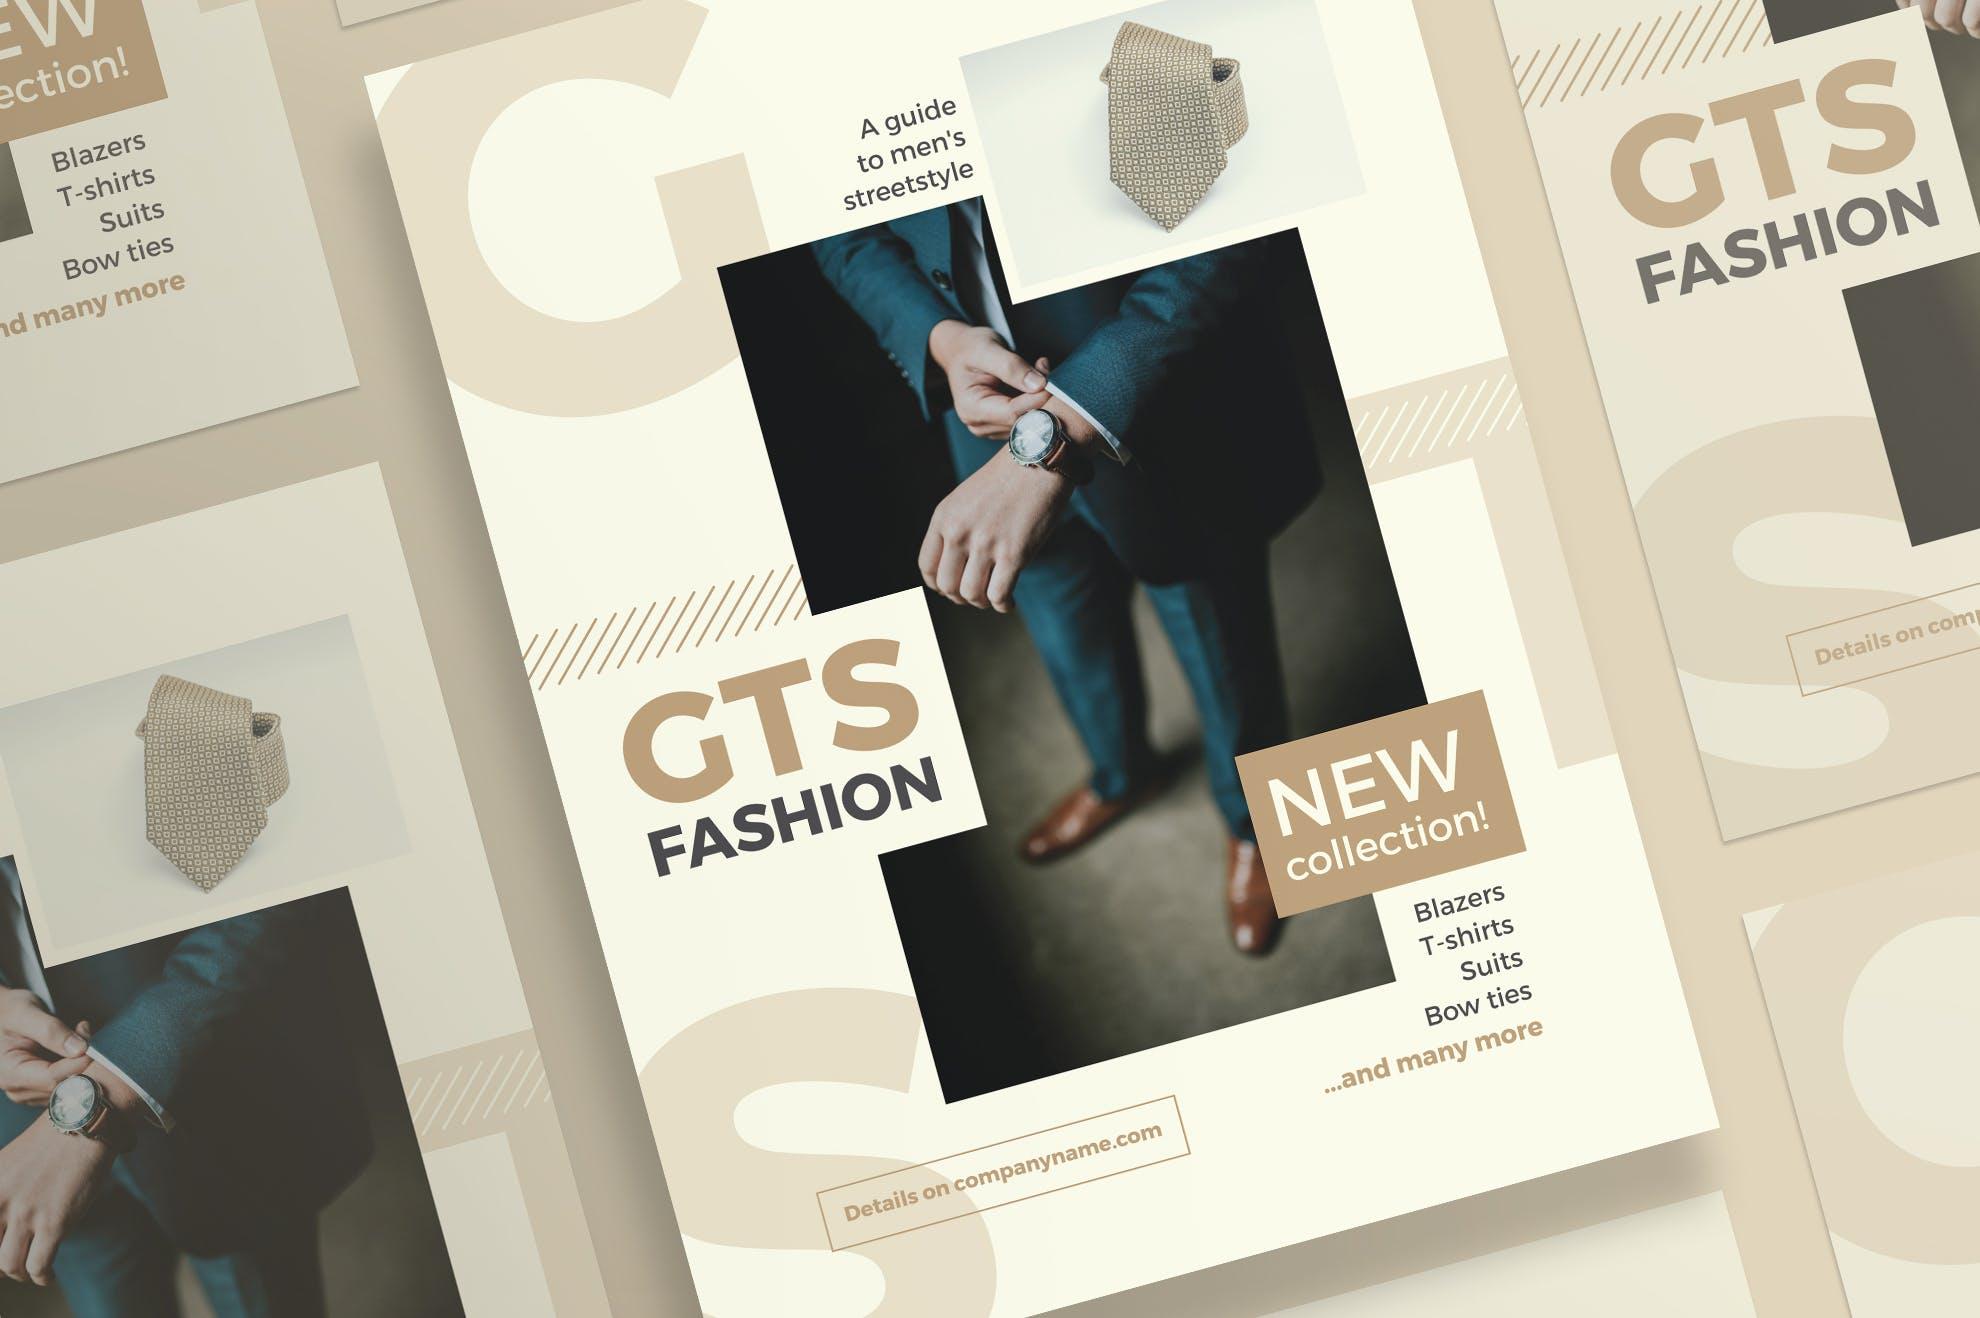 时尚服装传单和海报模板Fashion Clothes Flyer and Poster Template